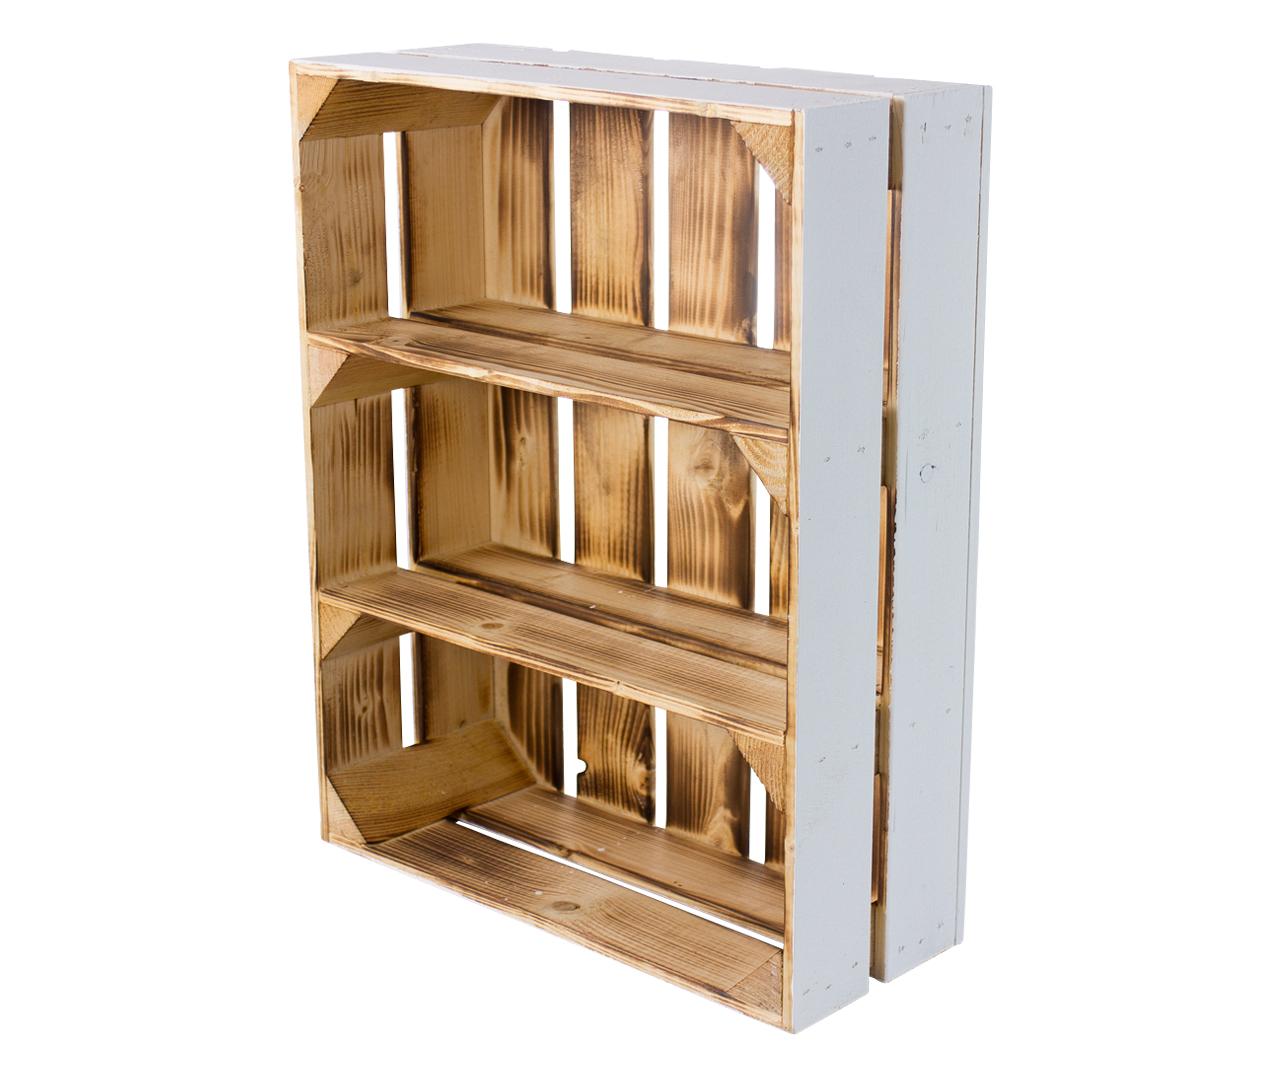 Schmale Holzkiste außen weiß innen geflammt 50x40,5x16cm